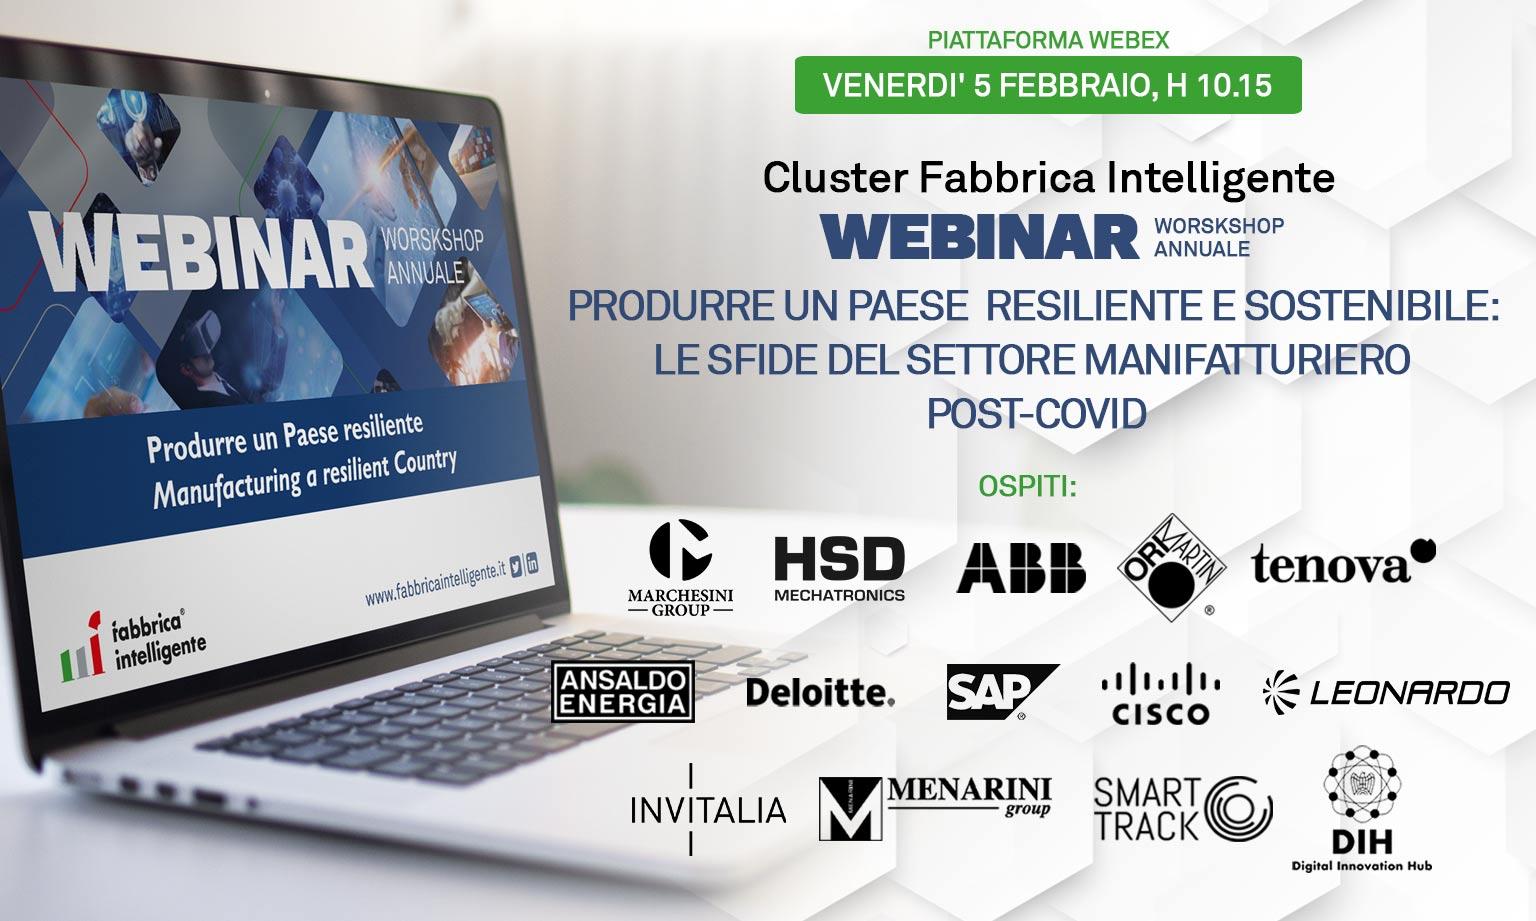 Produrre un paese sostenibile e resiliente: tutti i lettori invitati il 5 febbraio al workshop del Cluster Fabbrica Intelligente